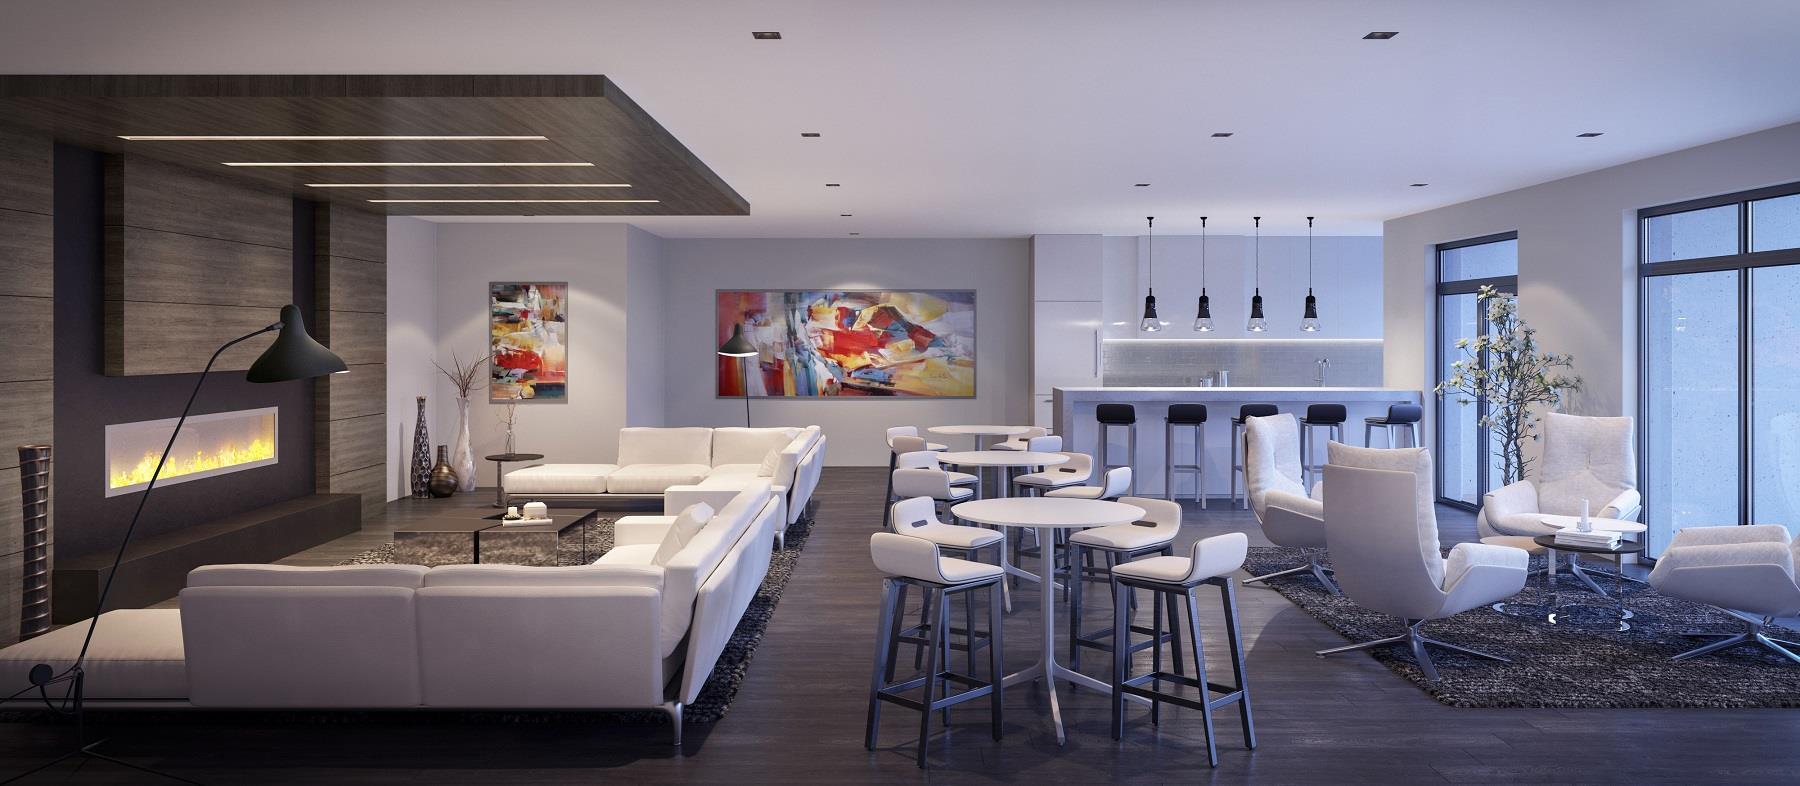 Platinum Condos Interior, Hamilton